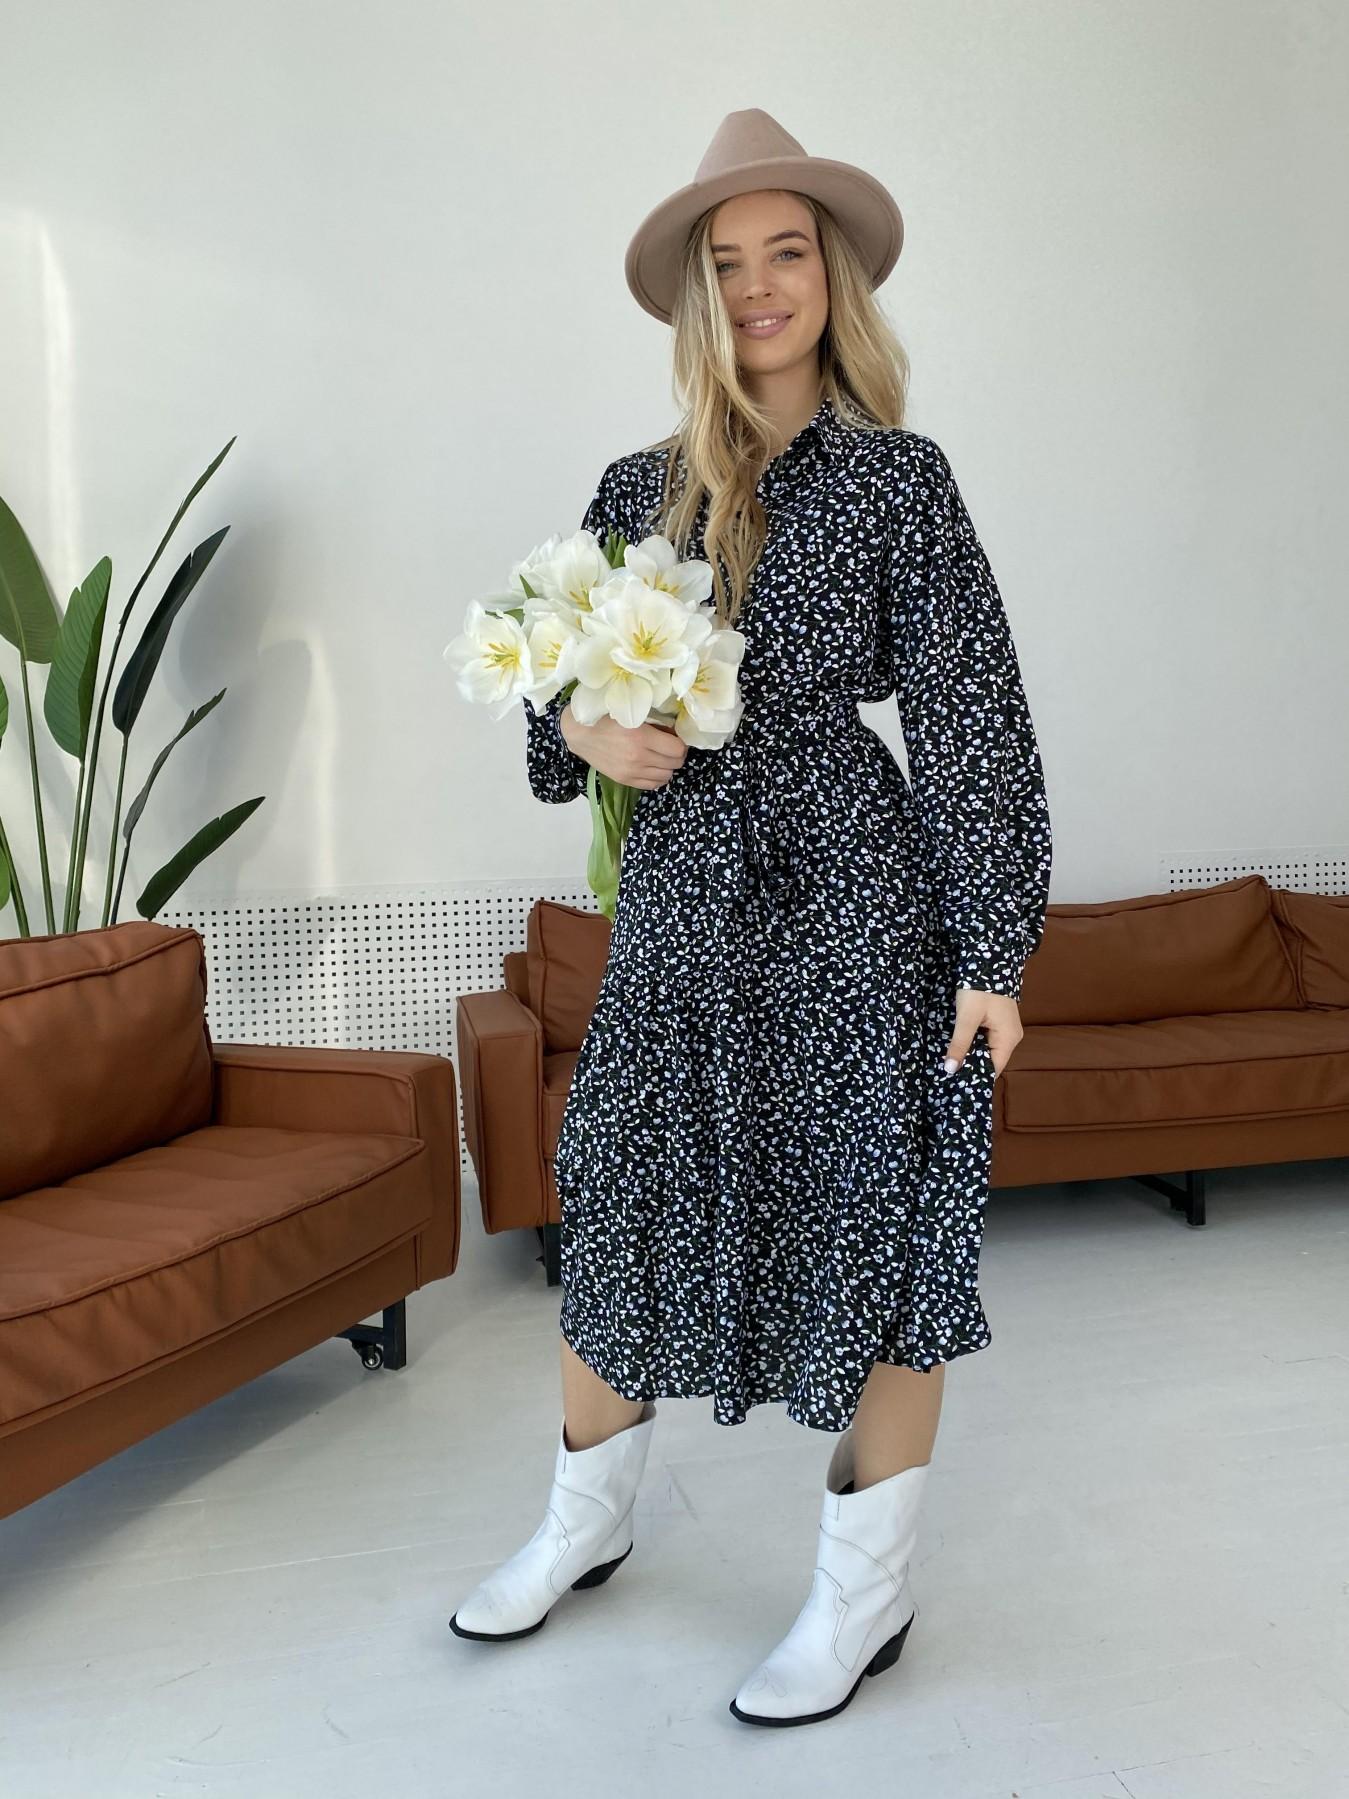 Лилия штапель принт платье 10879 АРТ. 47351 Цвет: Цветы мел черн/бел/гол - фото 8, интернет магазин tm-modus.ru